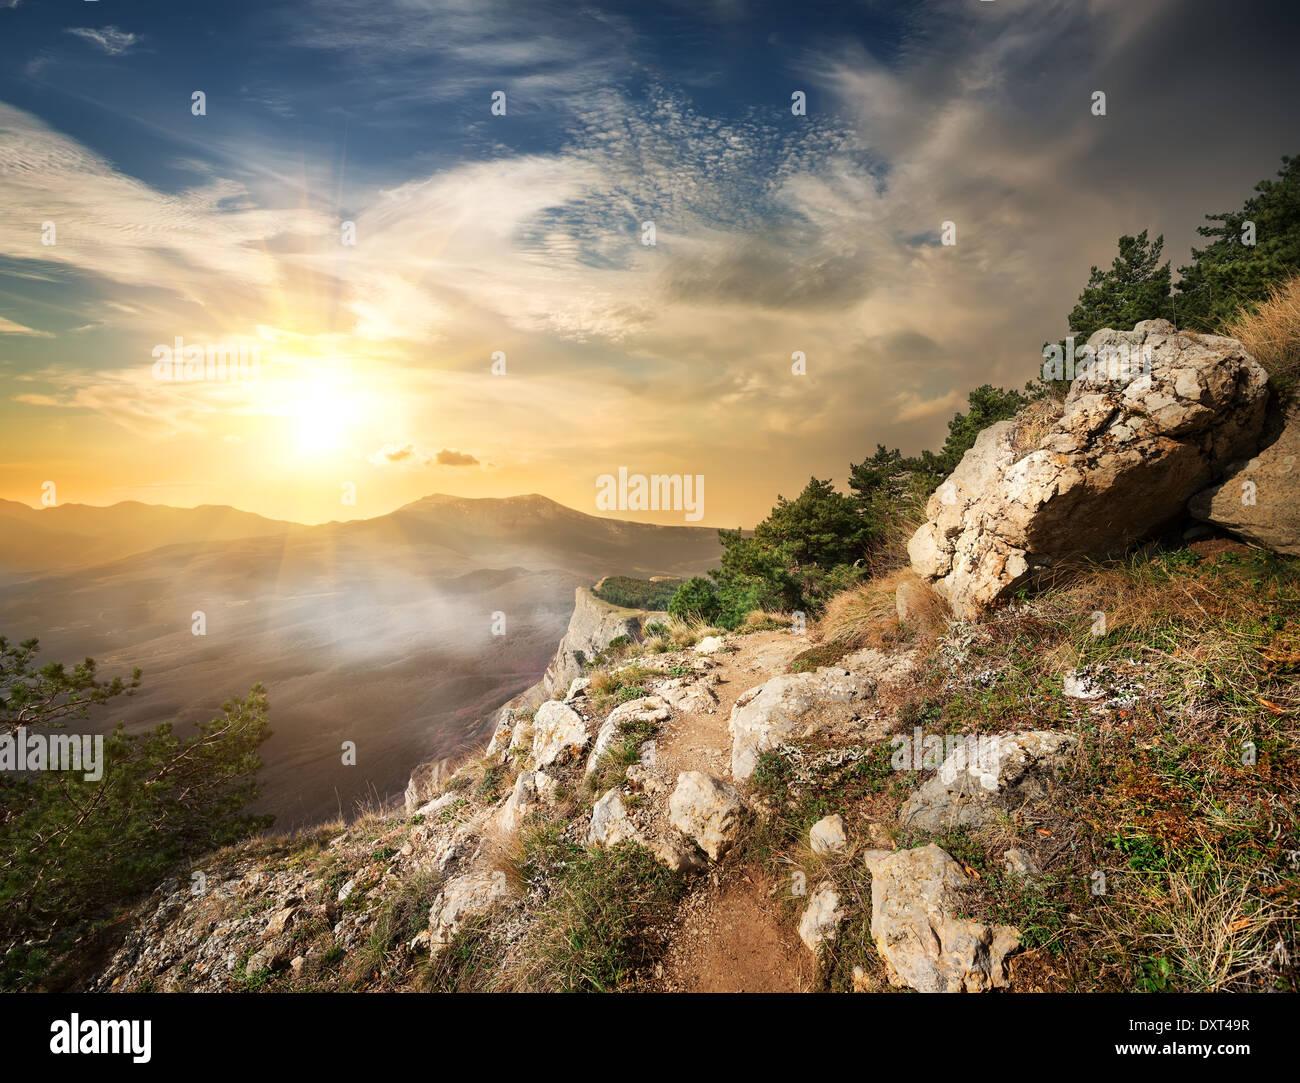 Vista a valle dei fantasmi in presenza di luce solare Immagini Stock